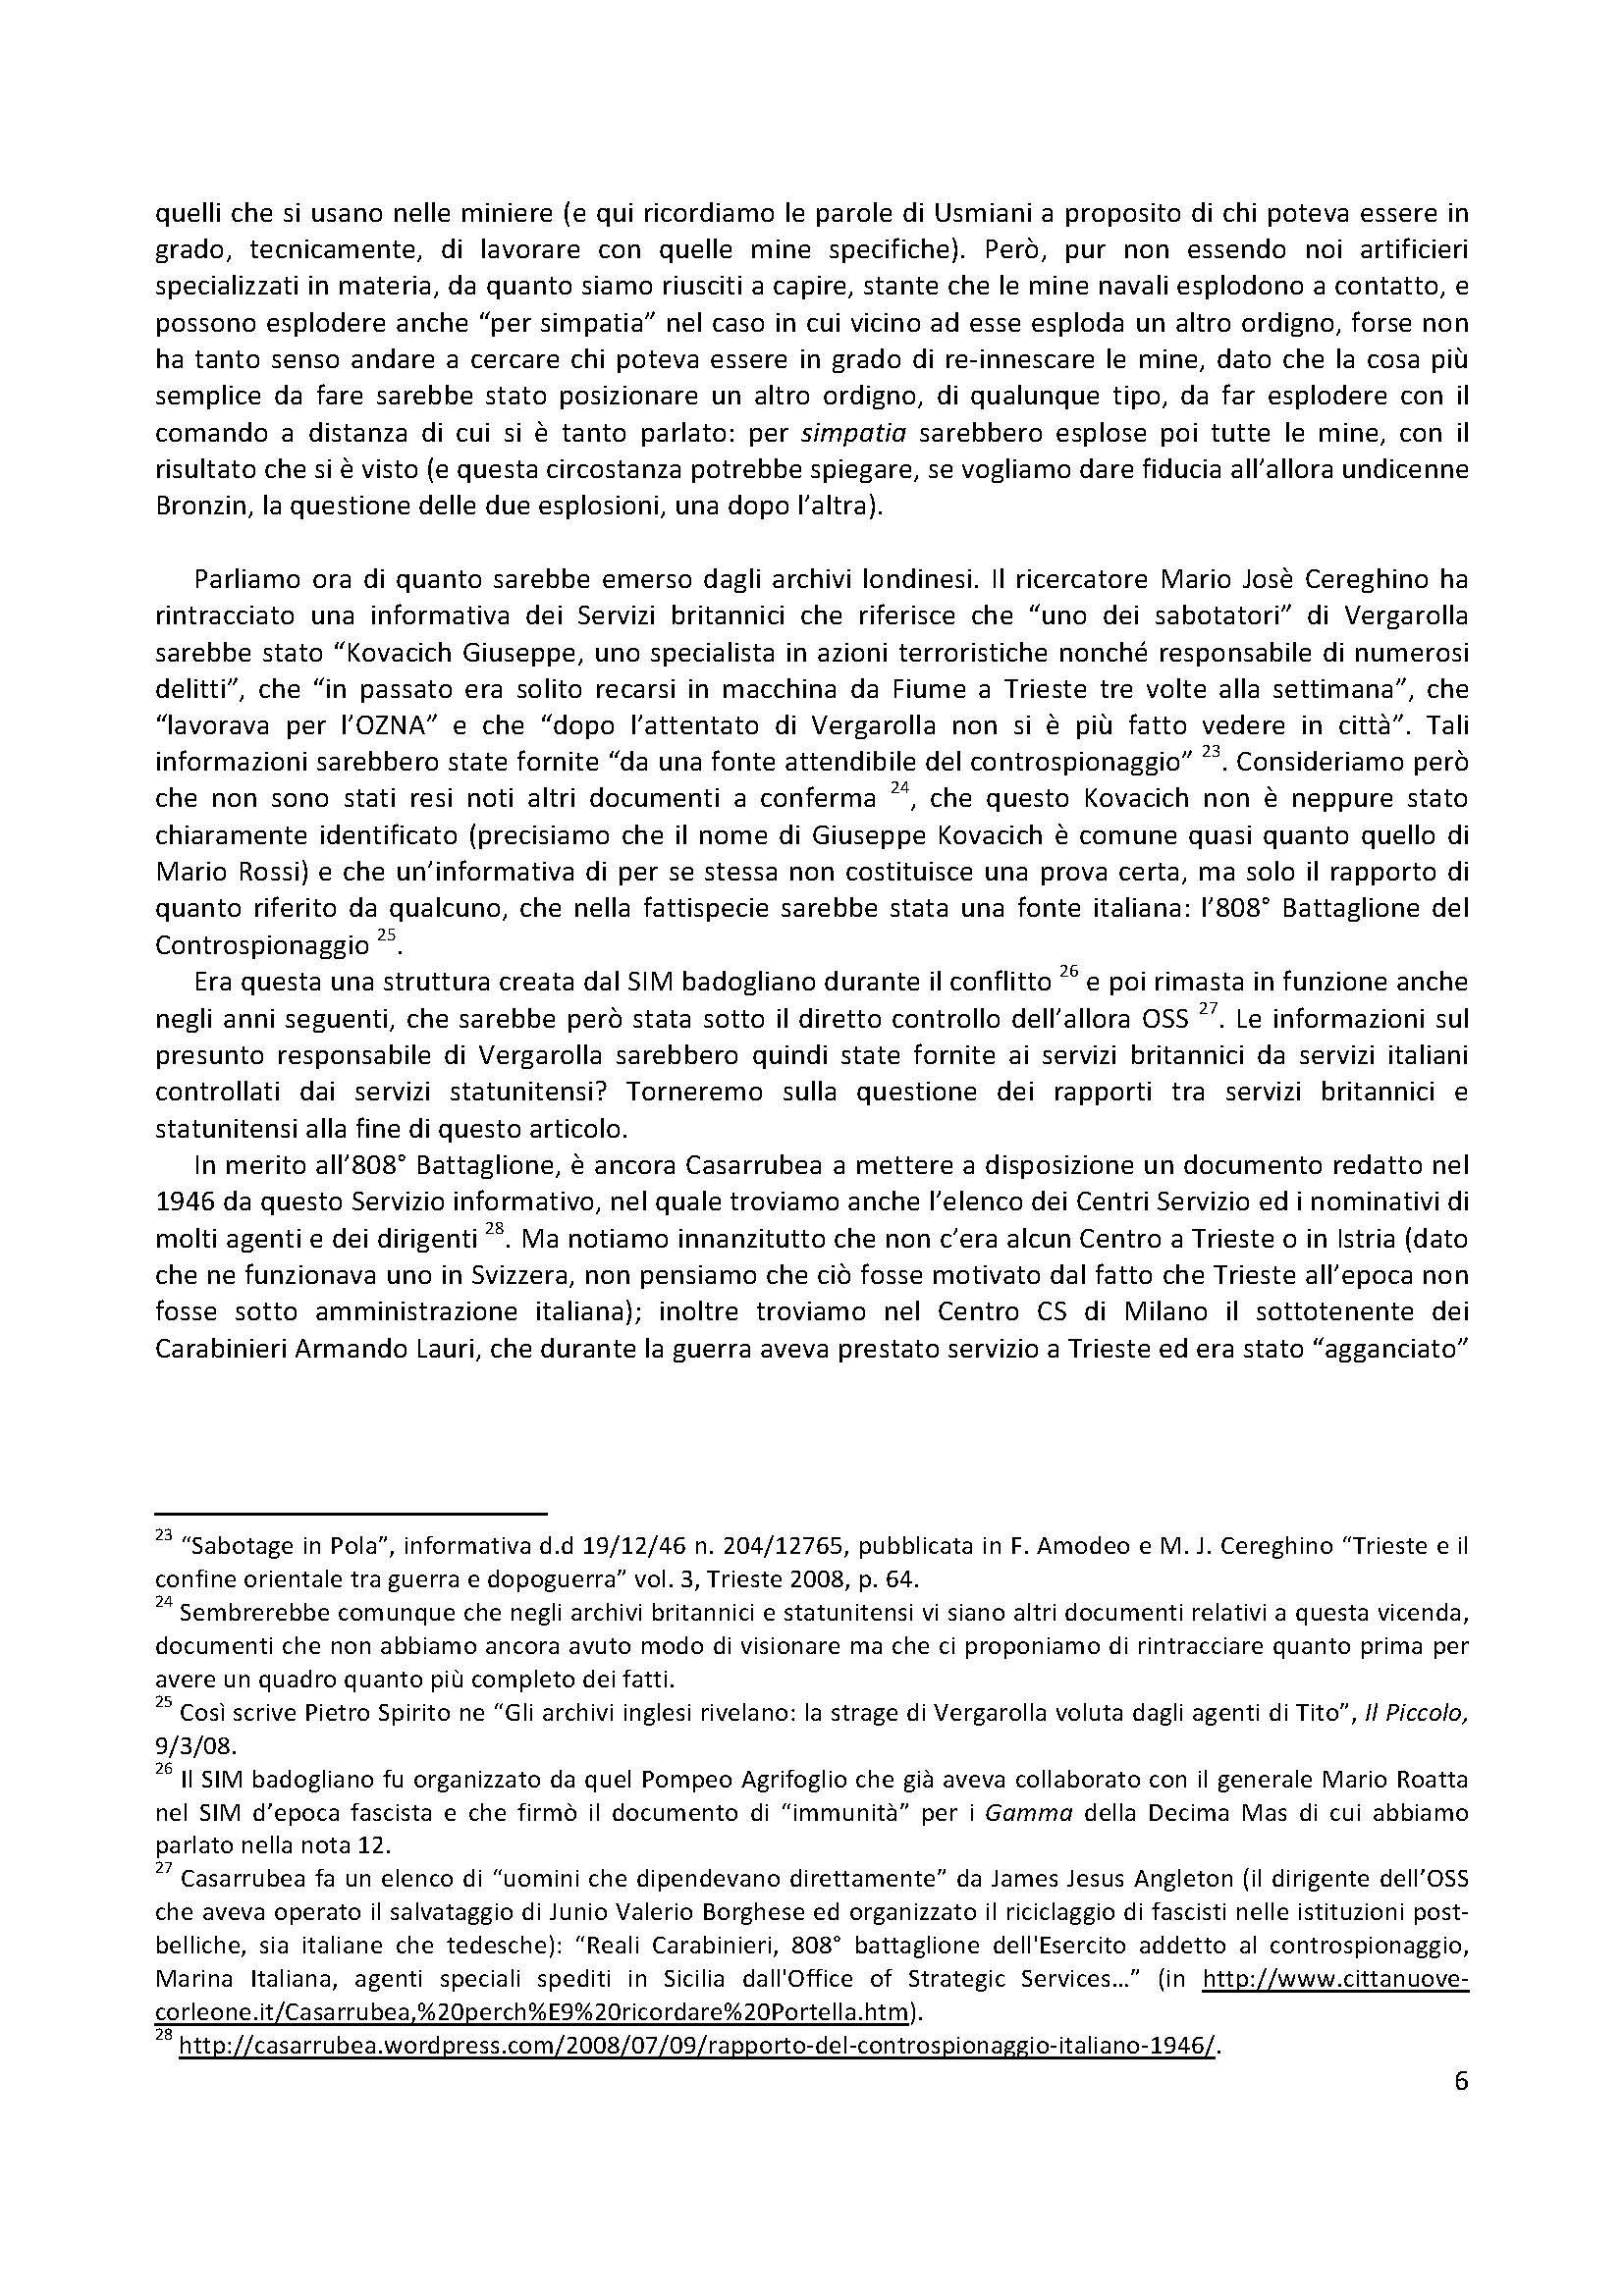 STRATEGIA-DELLA-TENSIONE-IN-ISTRIA (1)_Page_6